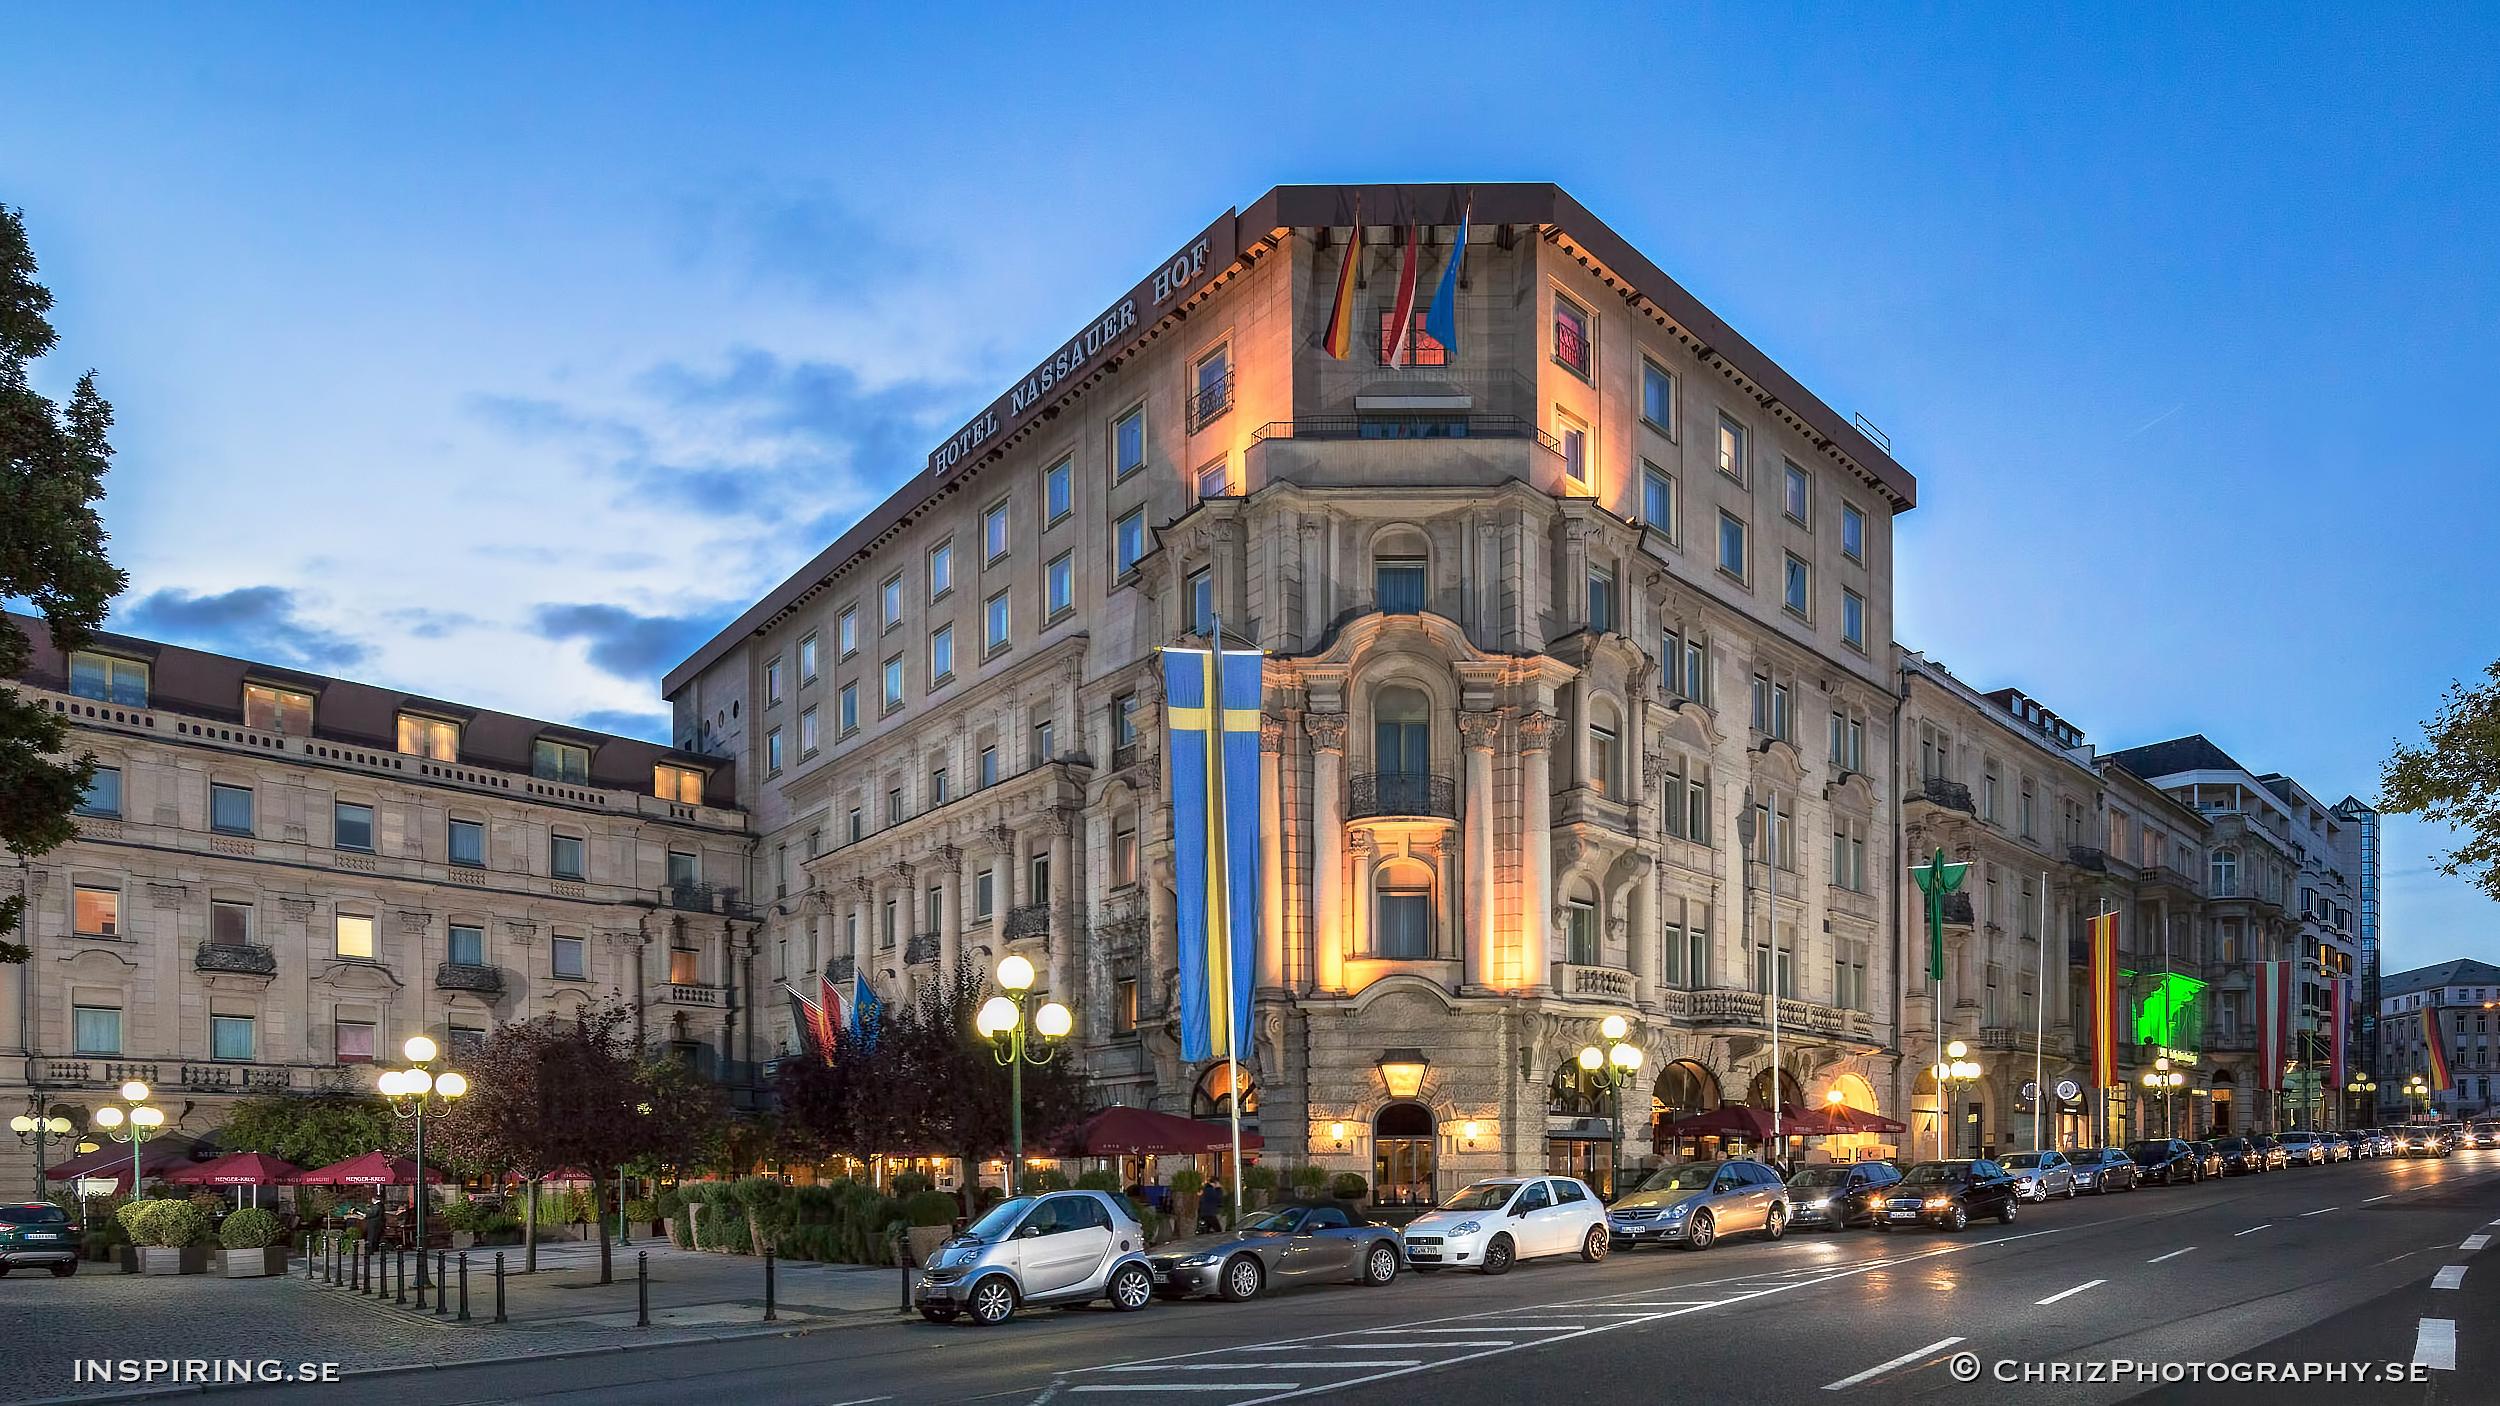 Hotel_Nassauer_Hof_Inspiring.se_copyright_ChrizPhotography.se_18.jpg